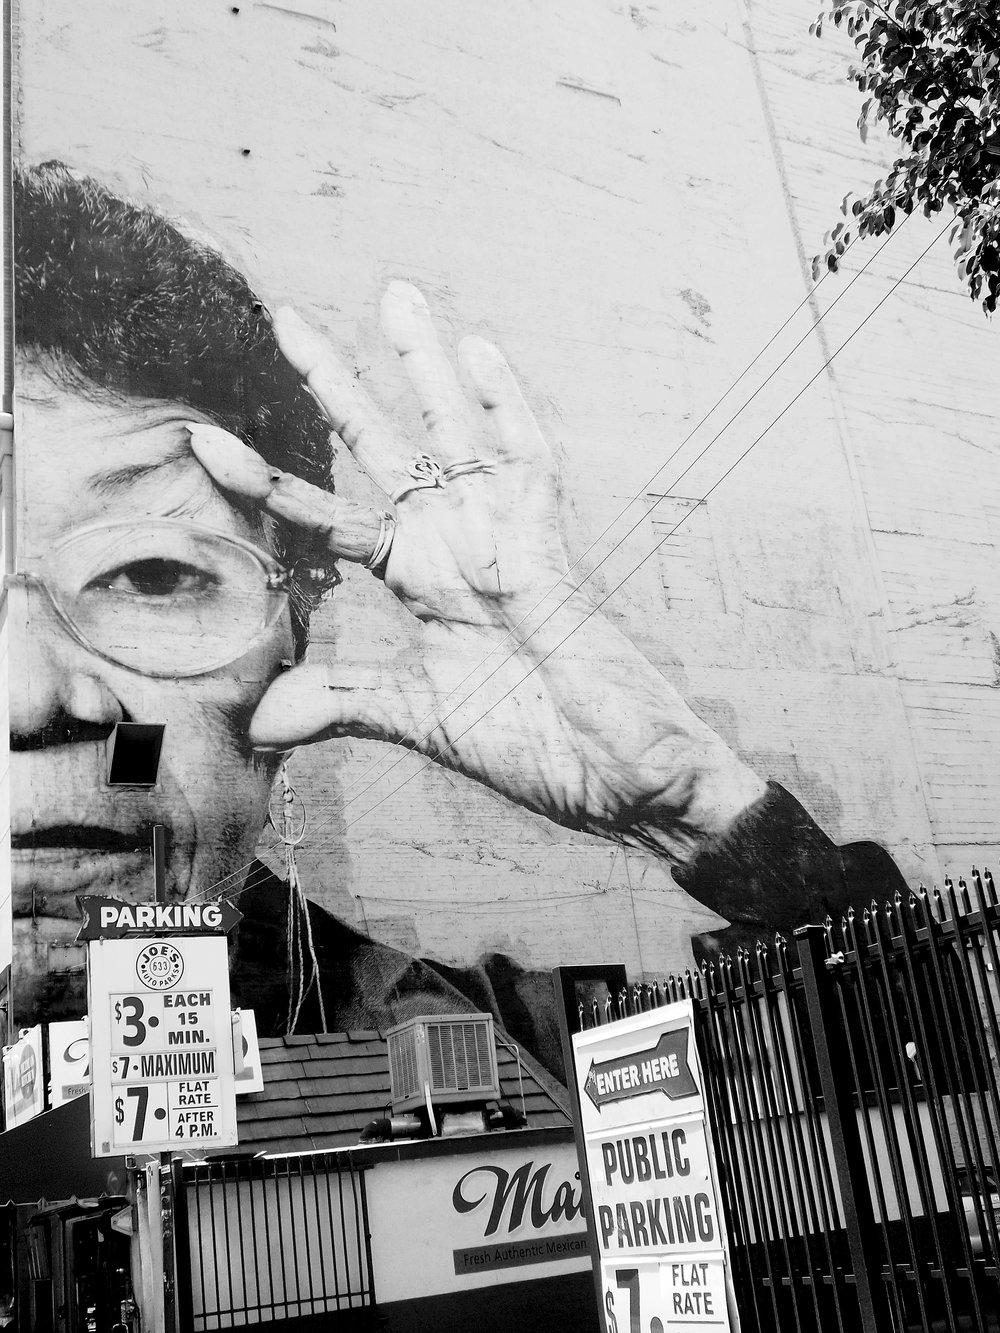 Ricky, Street Photography